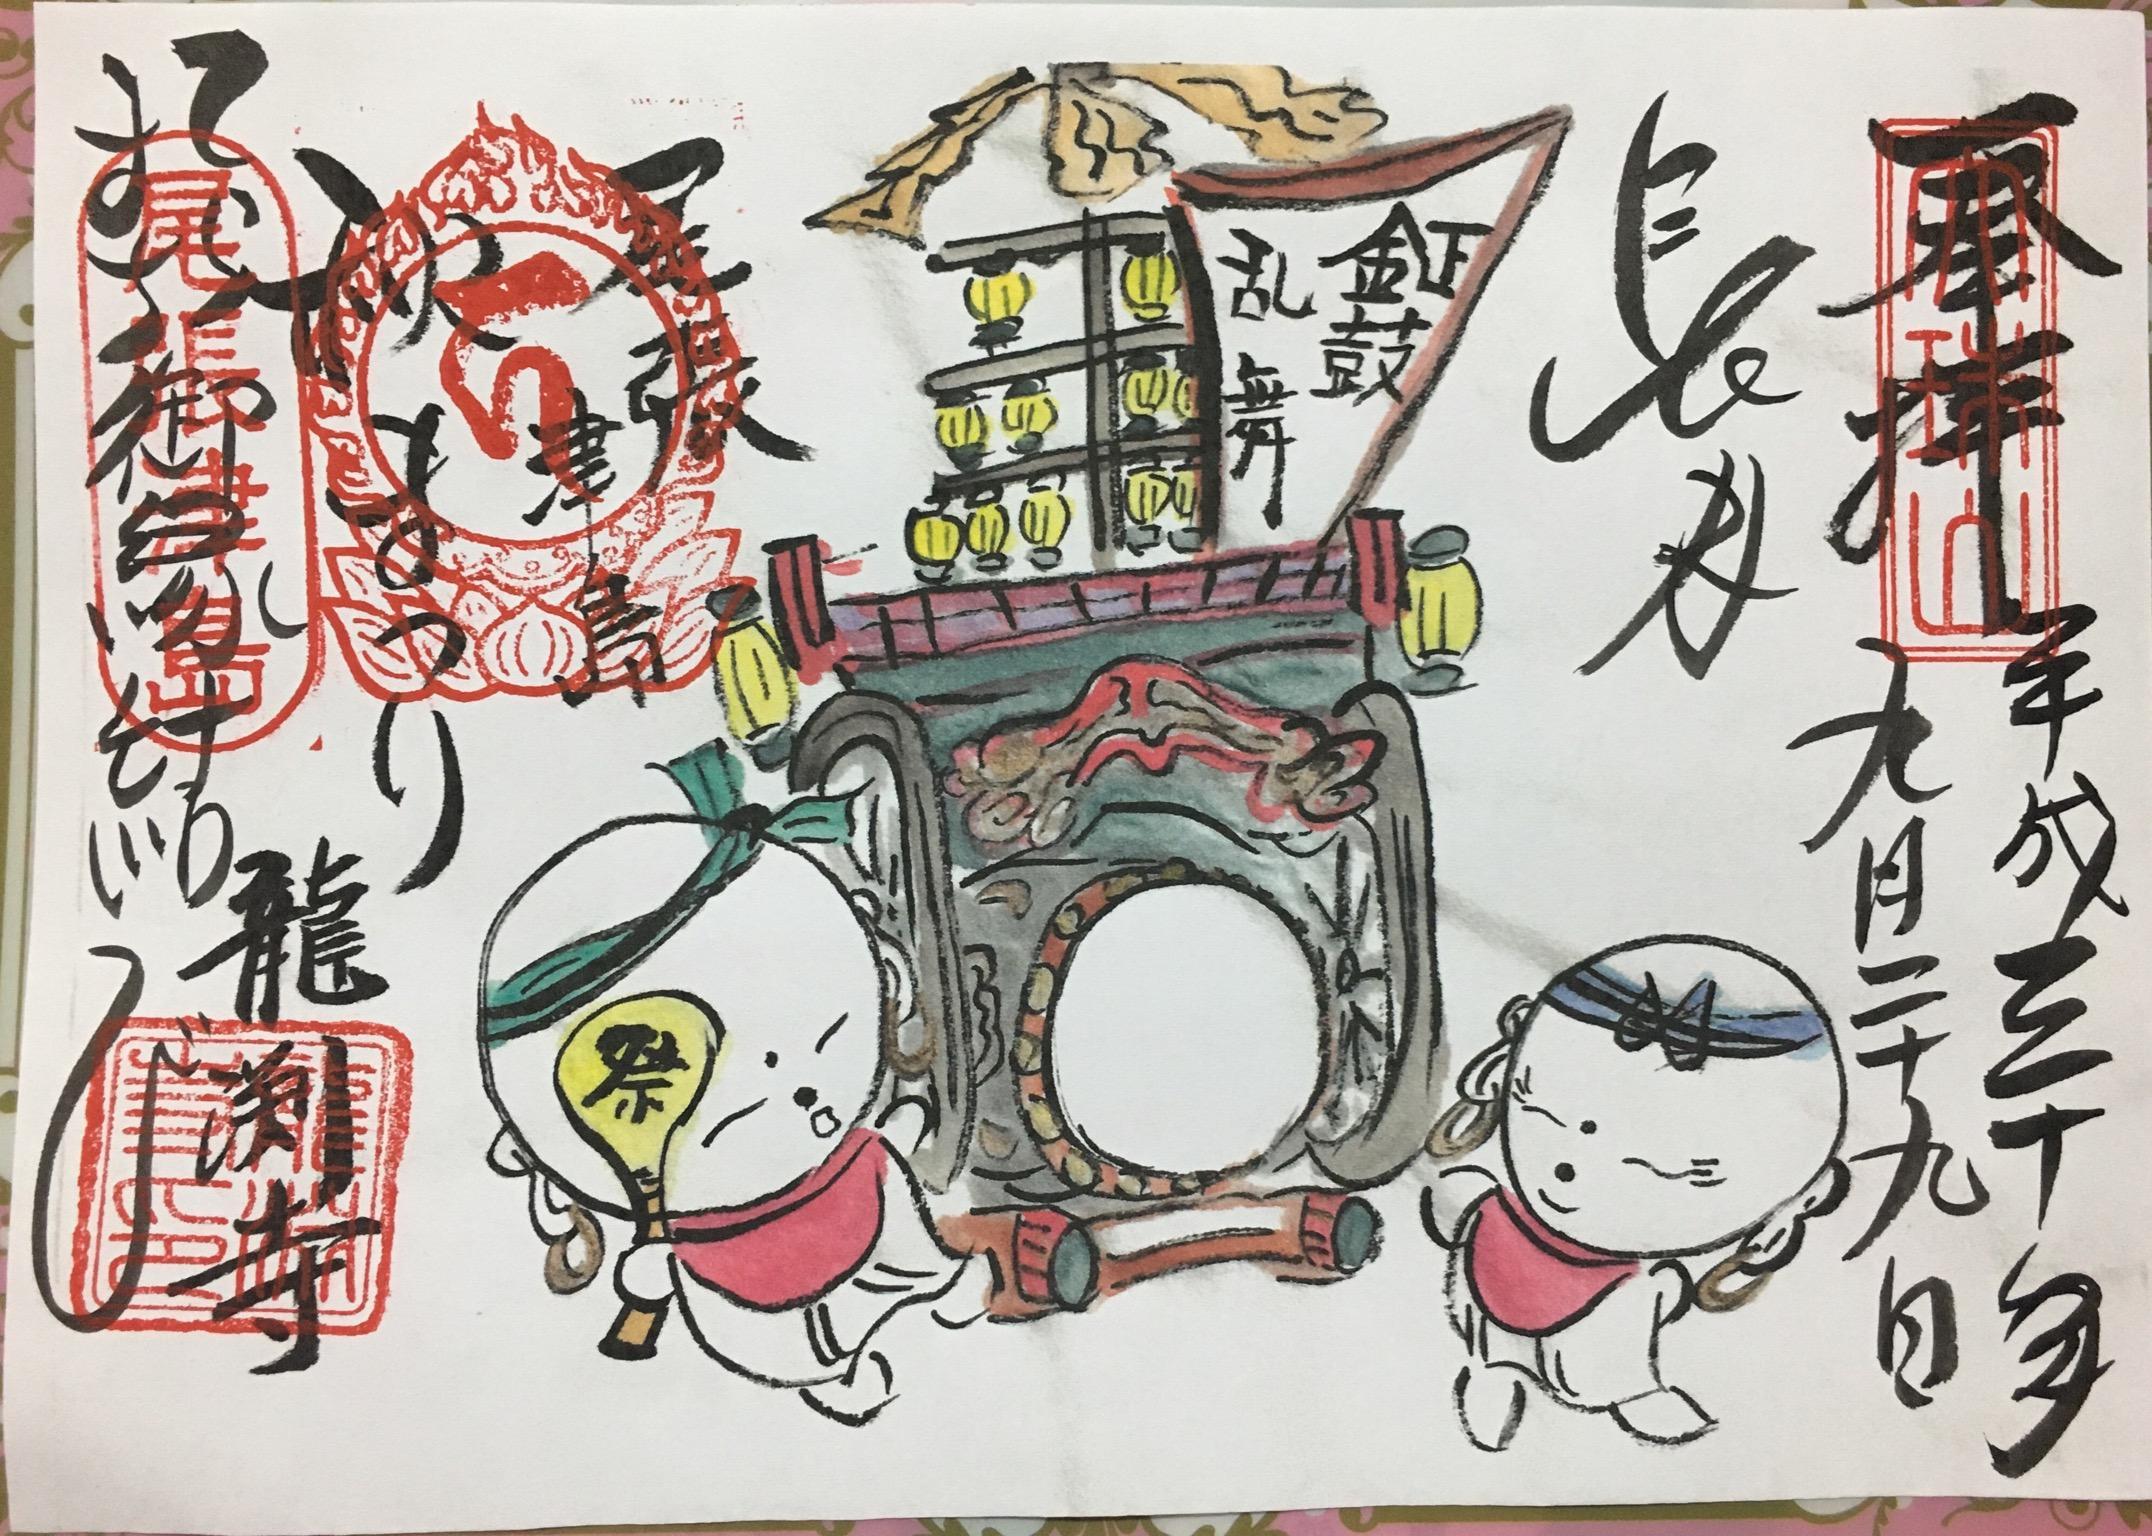 龍渕寺の境内・文化財